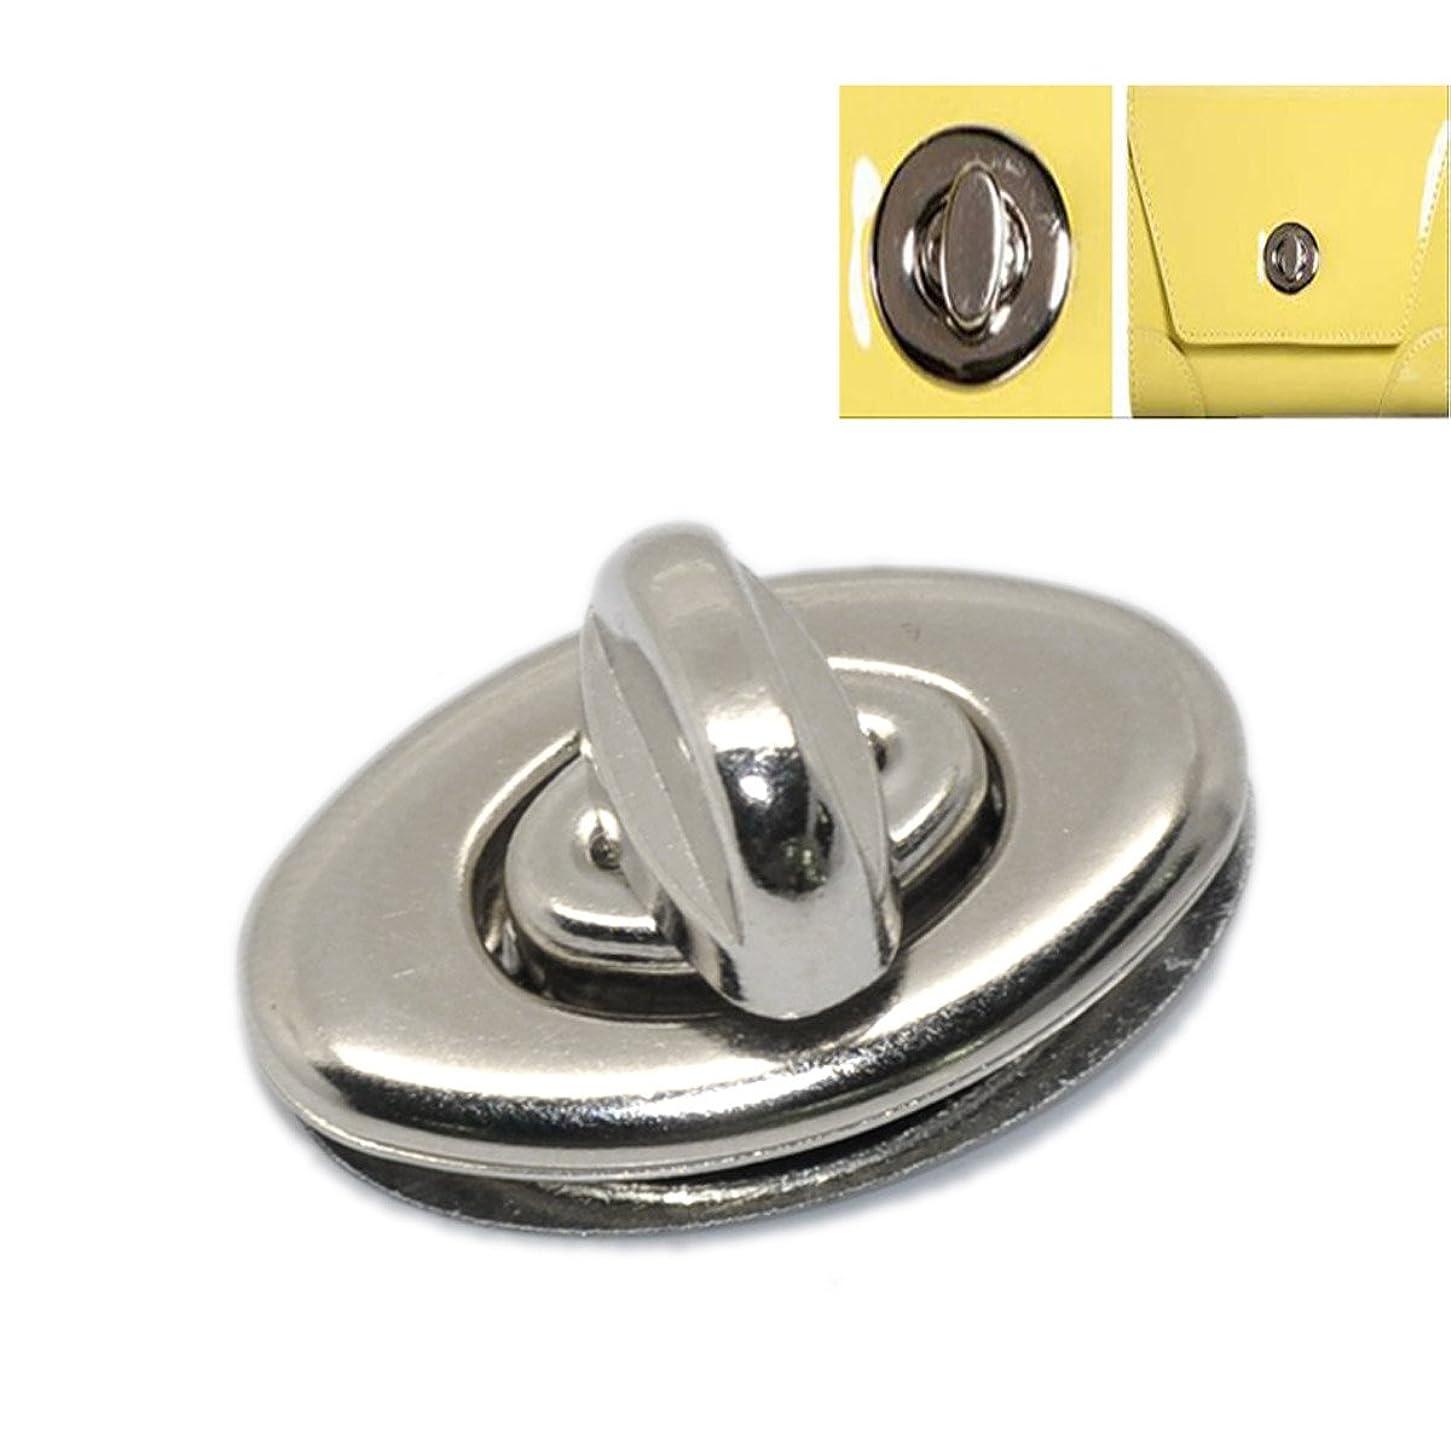 小さな失弾丸Housweetyアクセサリーパーツ用ロック ひねり金具 バッグ 留め具 10セット 4点セット3.5cm x3.3cm 銀色